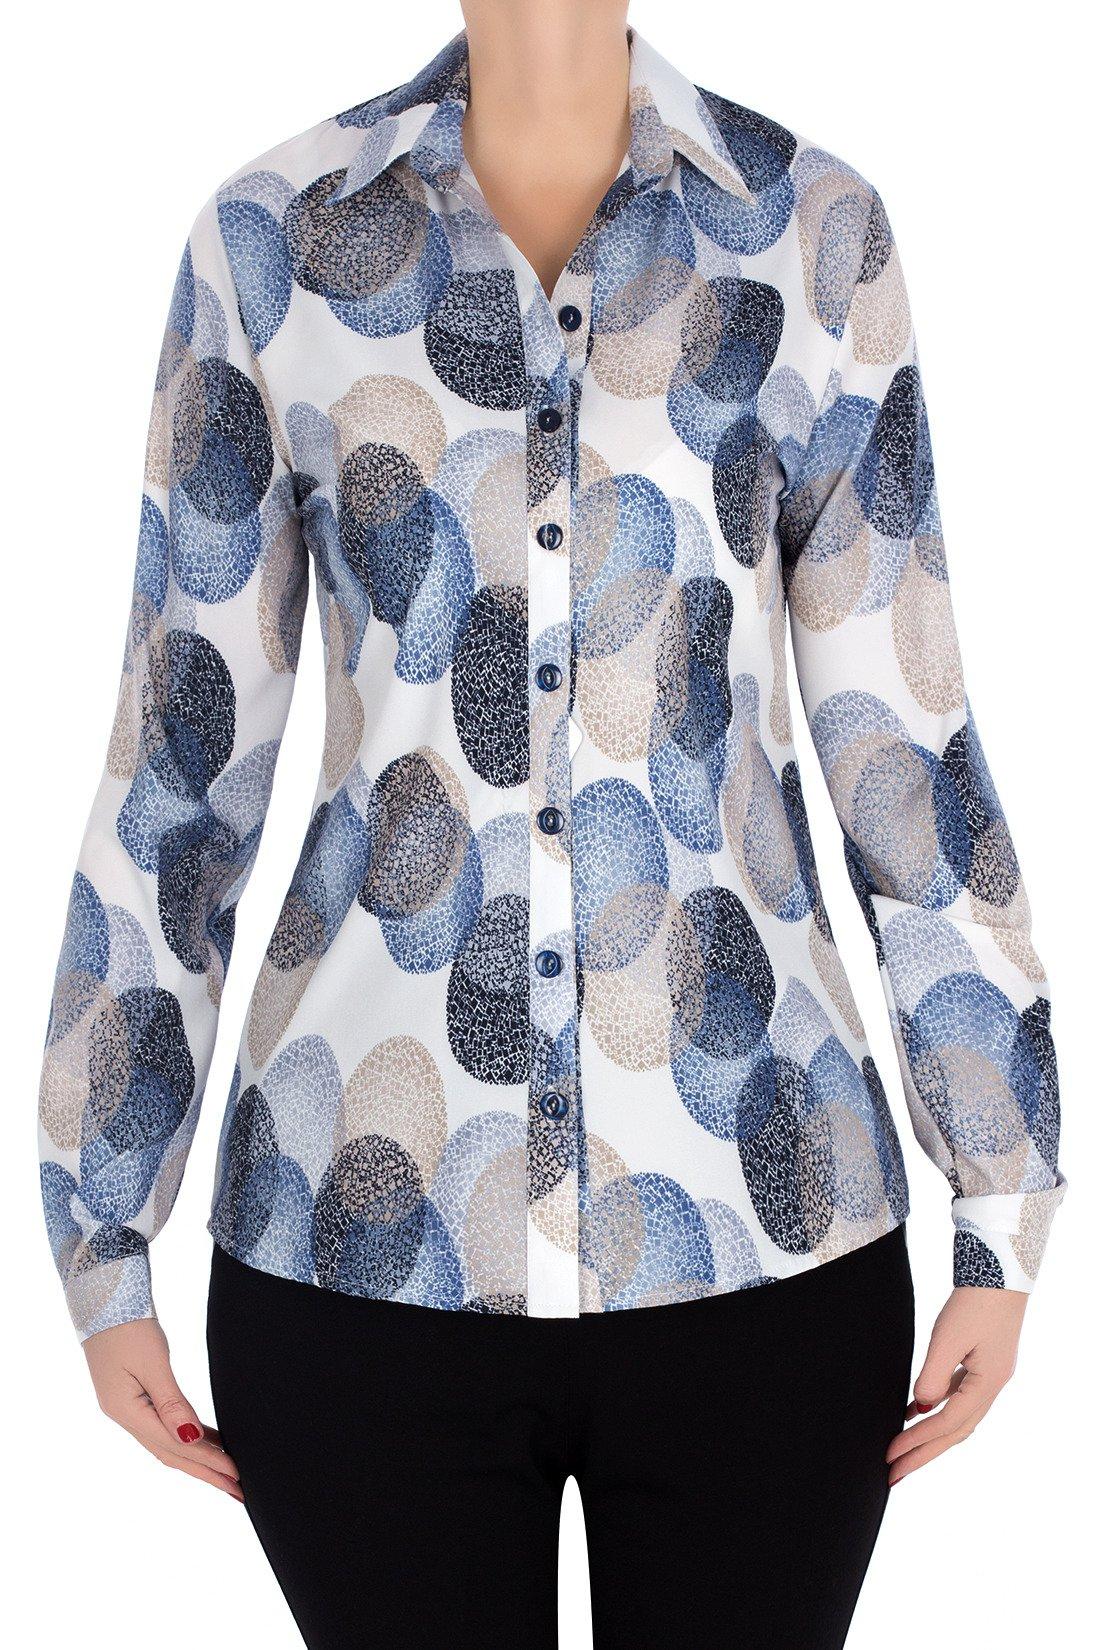 a1b70eb51d2e9f Bluzka koszulowa 2994 ecru w geometryczne wzory | sklep internetowy ...